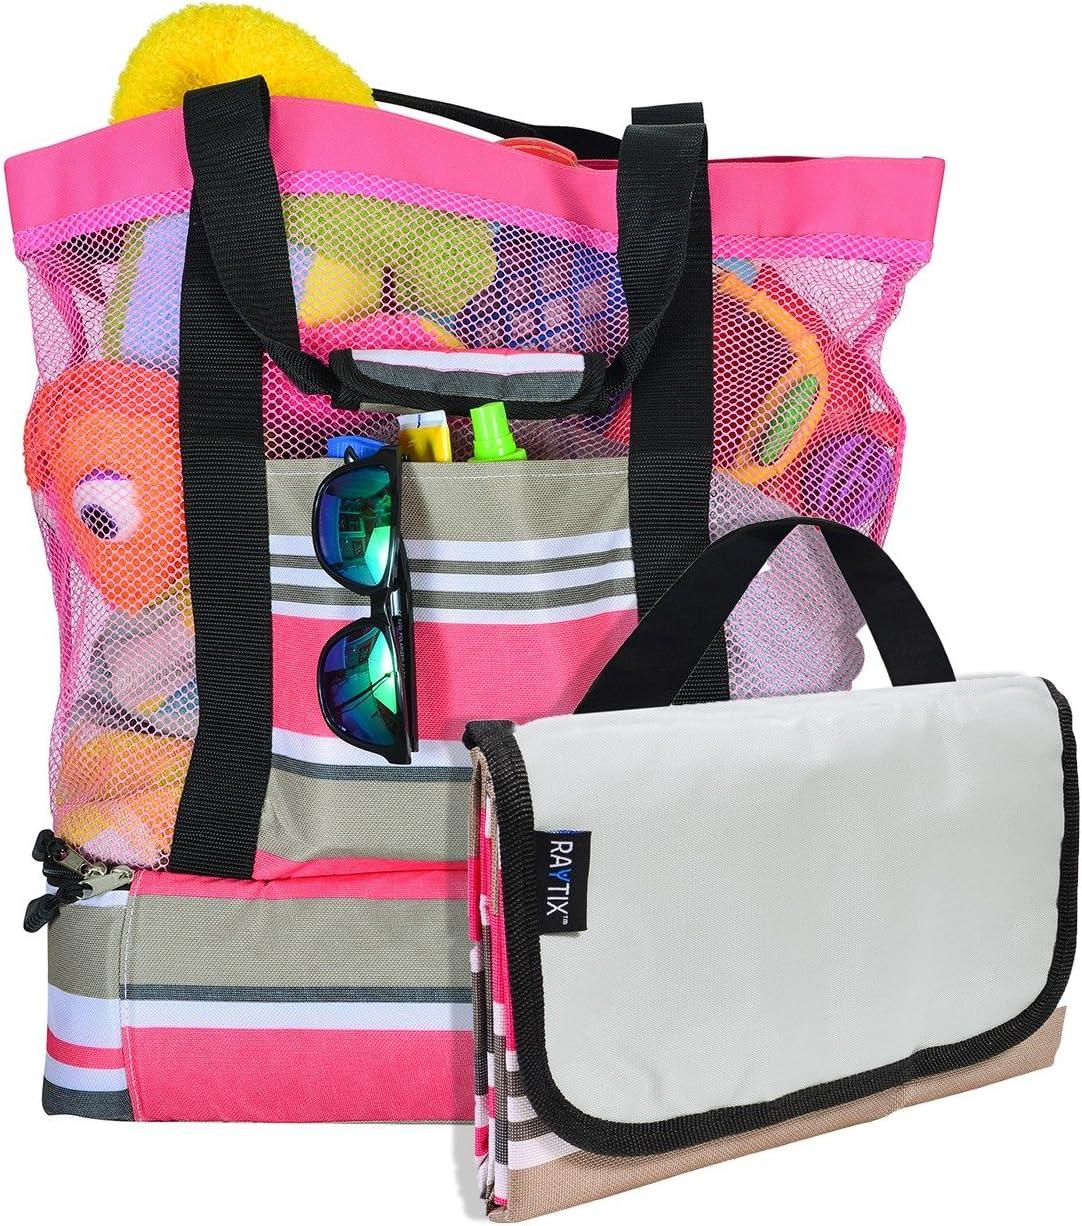 Beach Bag with Lightweight Fold Up 5'x6'Beach Mat & built-in cooler (PINK)